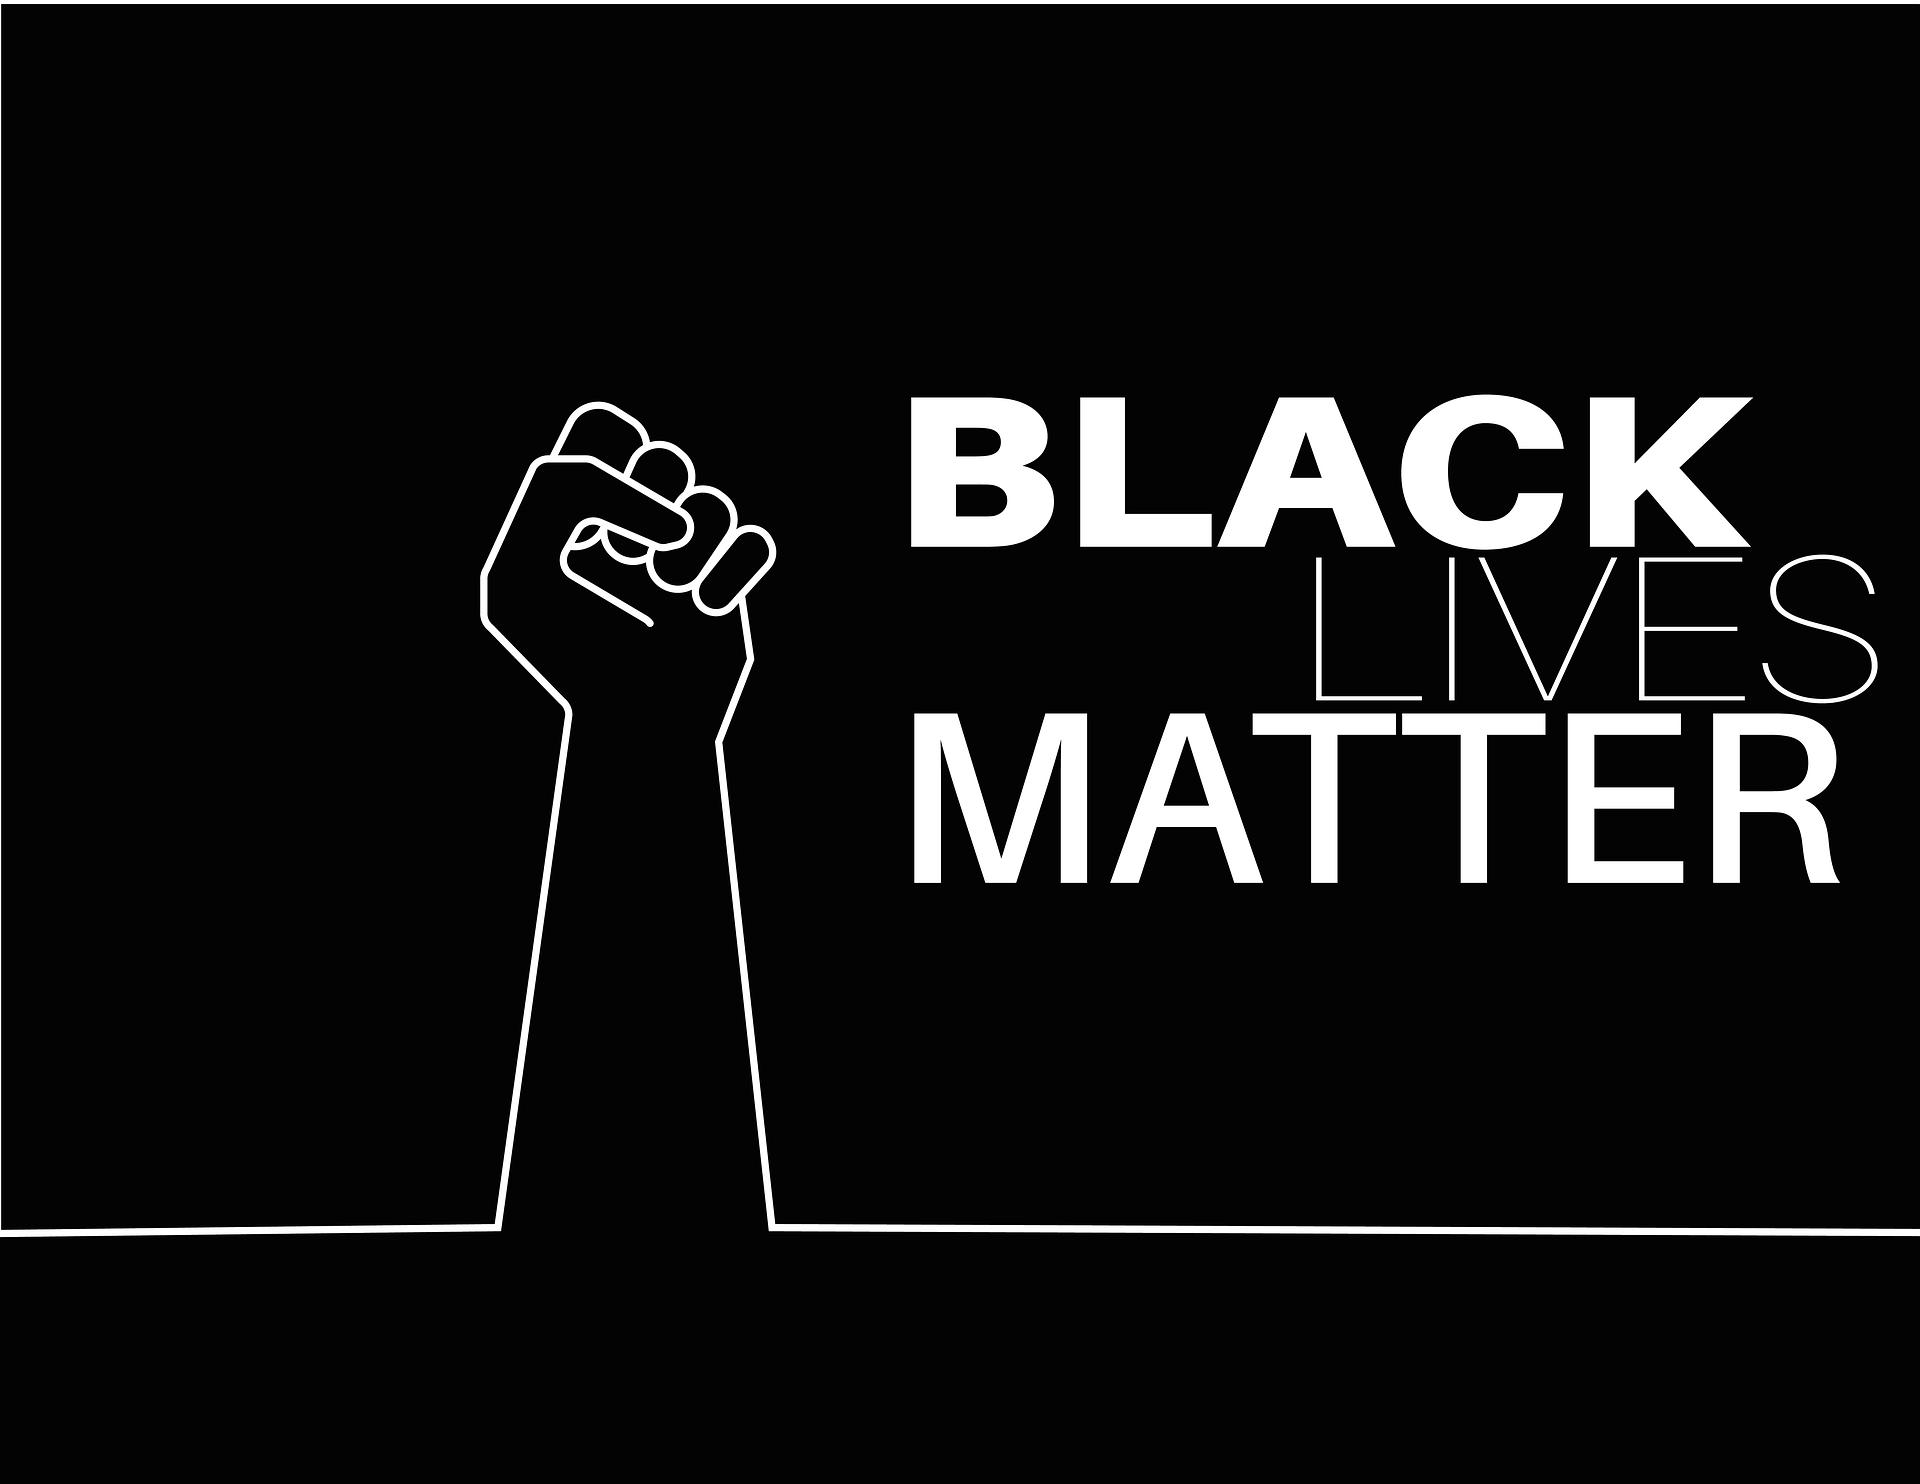 Die internationale Bewegung Black Lives  Matter ist in den USA entstanden. und hat auch das Bündnis gegen Rechts (BgR) in  Paderborn dazu angeregt, Kundgebungen  und Mahnwachen zu organisieren:  Instagram @bgr_paderborn, Quelle: Pixabay